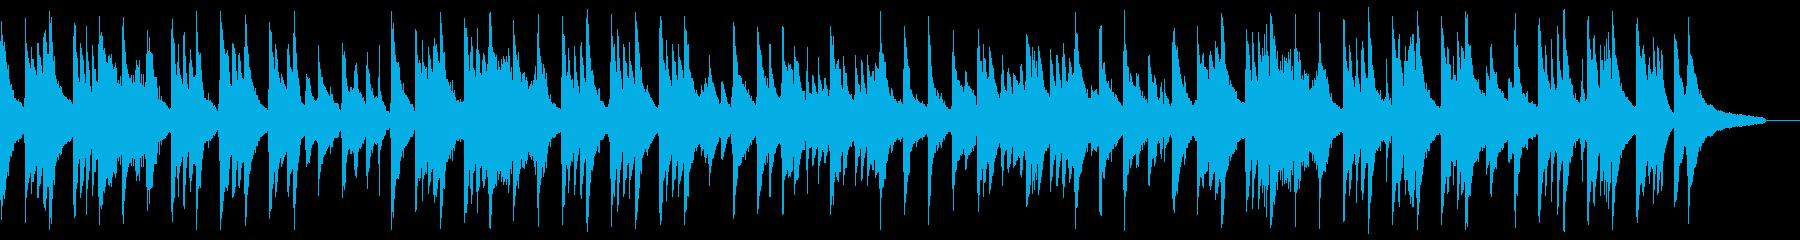 しっとり感動的なジャズピアノで名曲の再生済みの波形